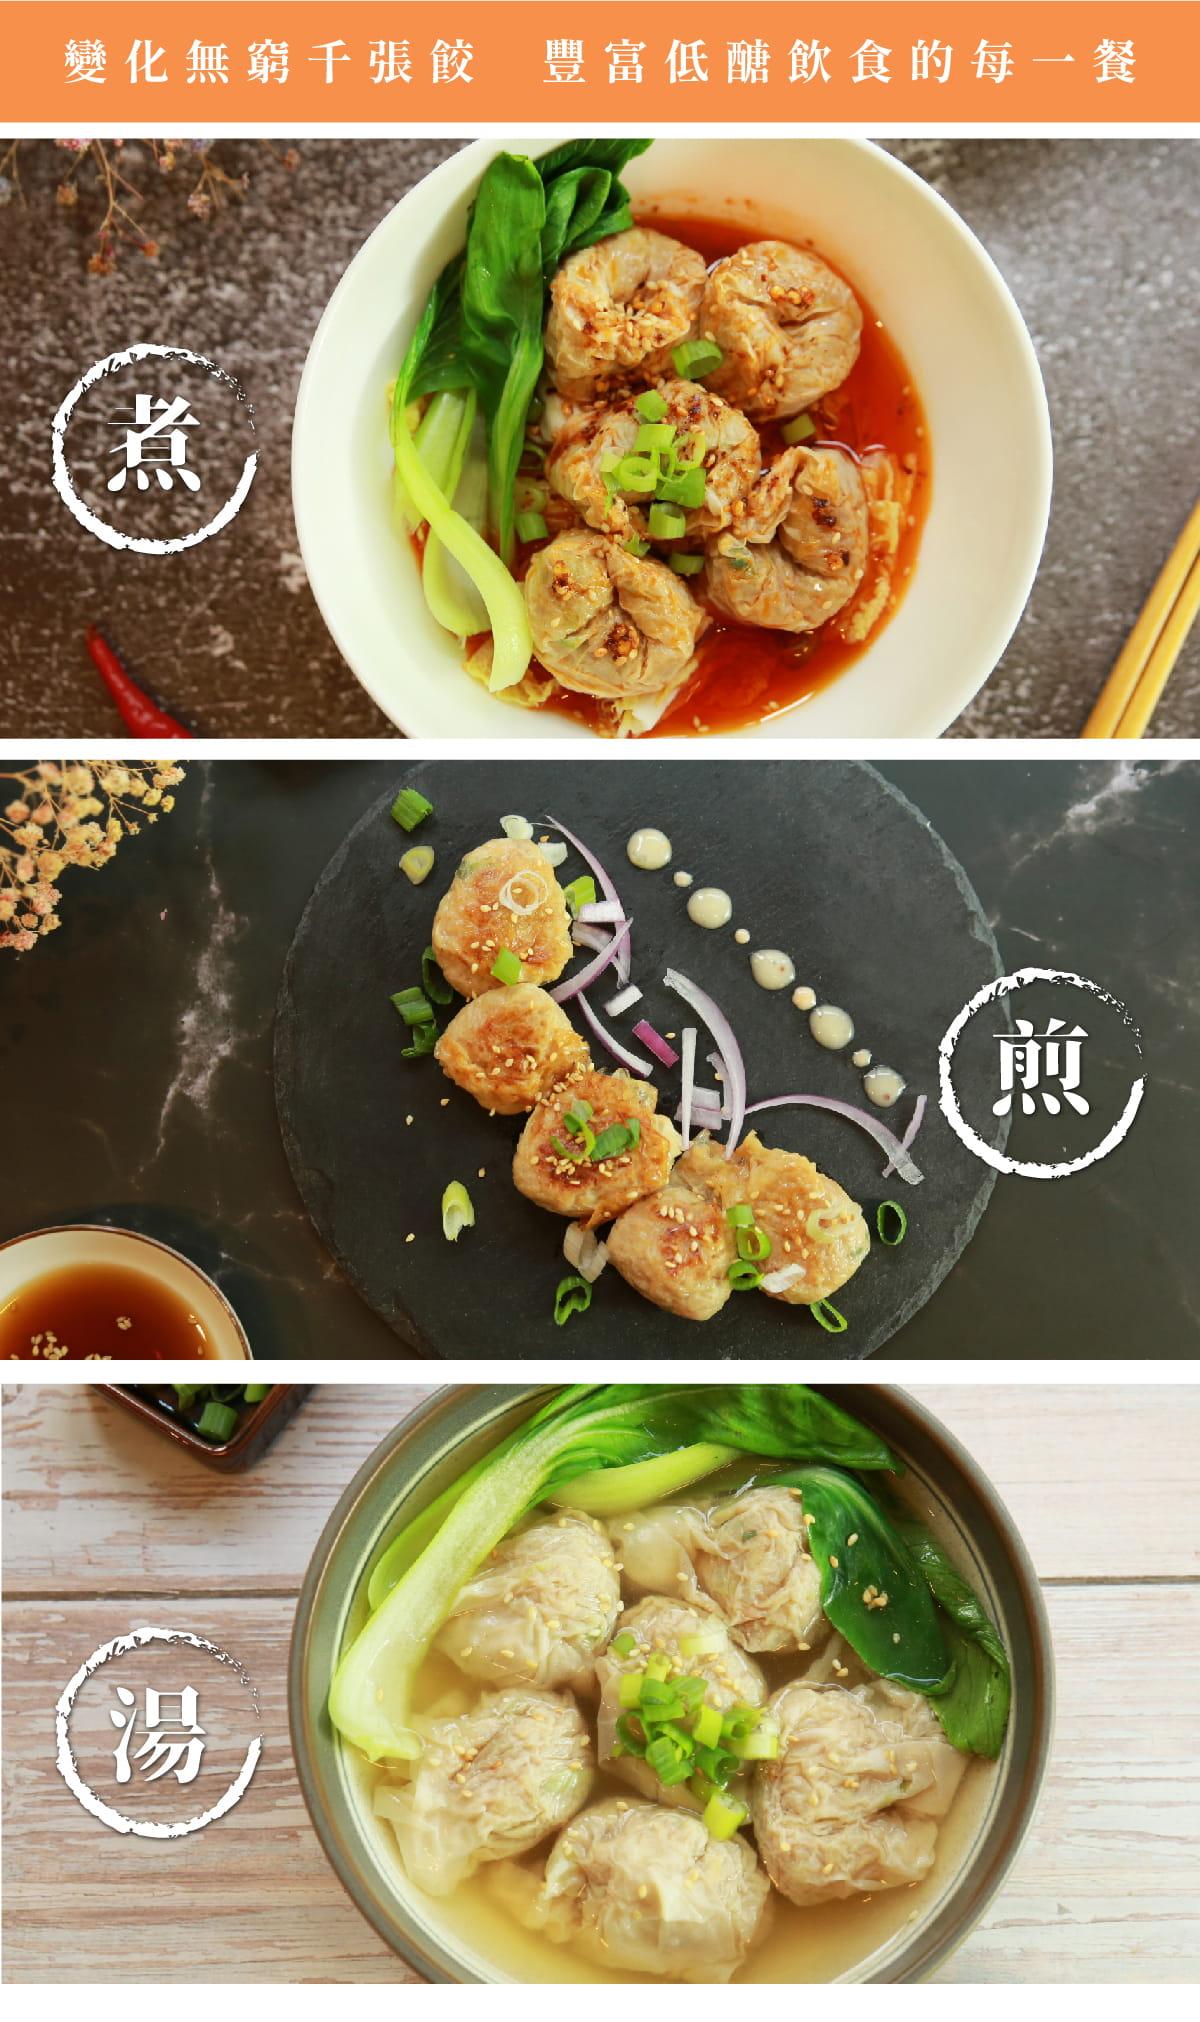 【原味時代】低醣千張餃-高麗菜蝦仁(16粒一盒) 4